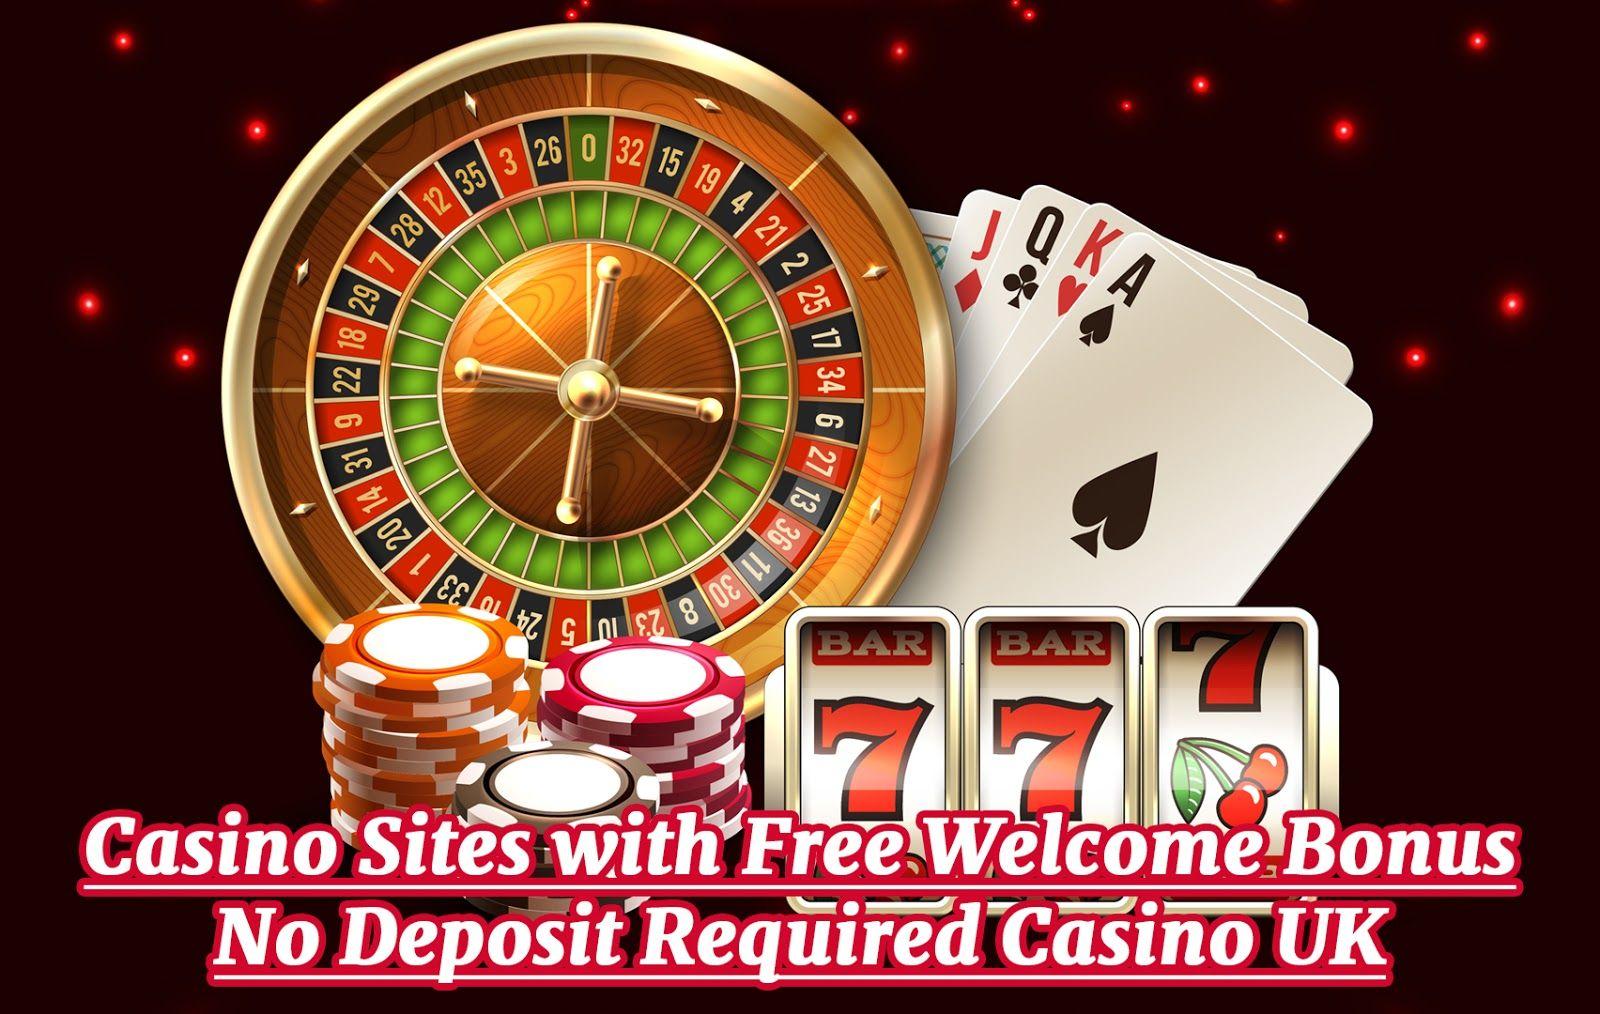 No Deposit Bonus Casino Sites